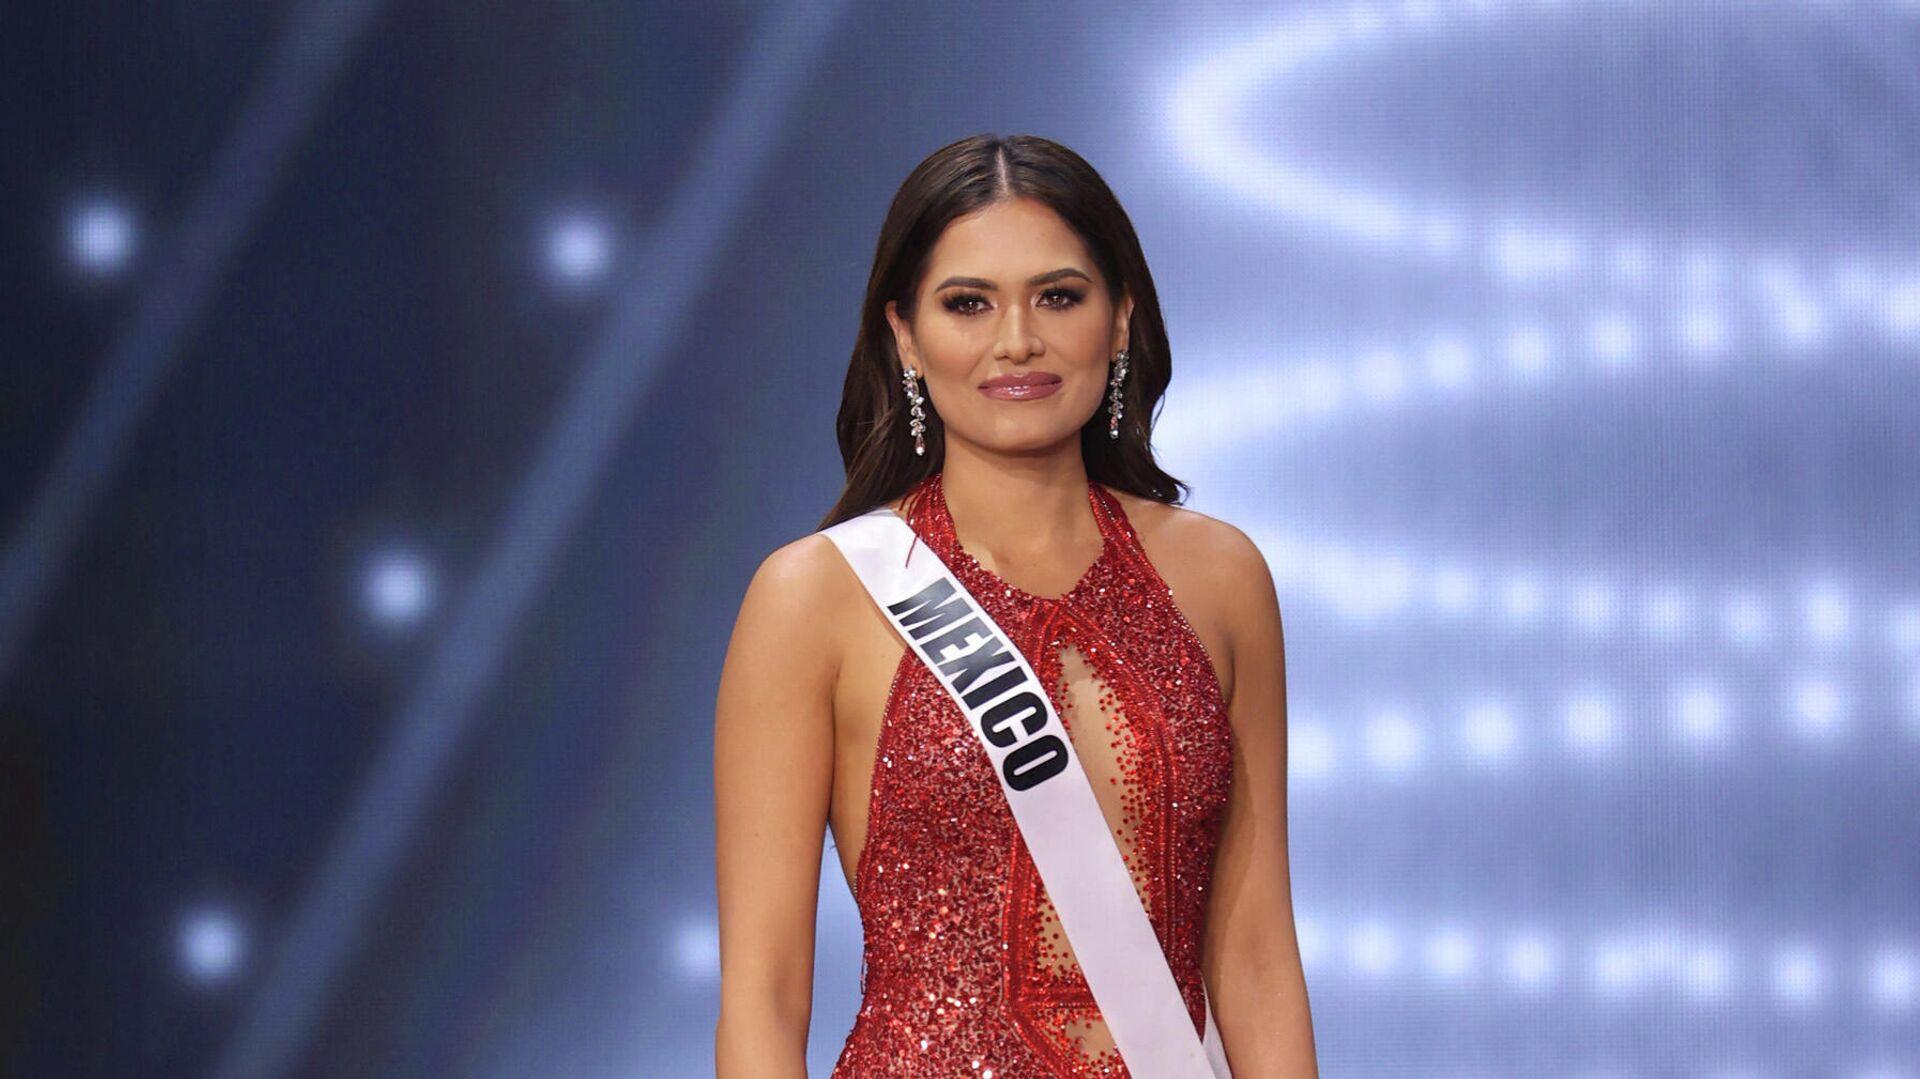 Andrea Meza, ganadora del concurso Miss Universo 2021 - Sputnik Mundo, 1920, 17.05.2021